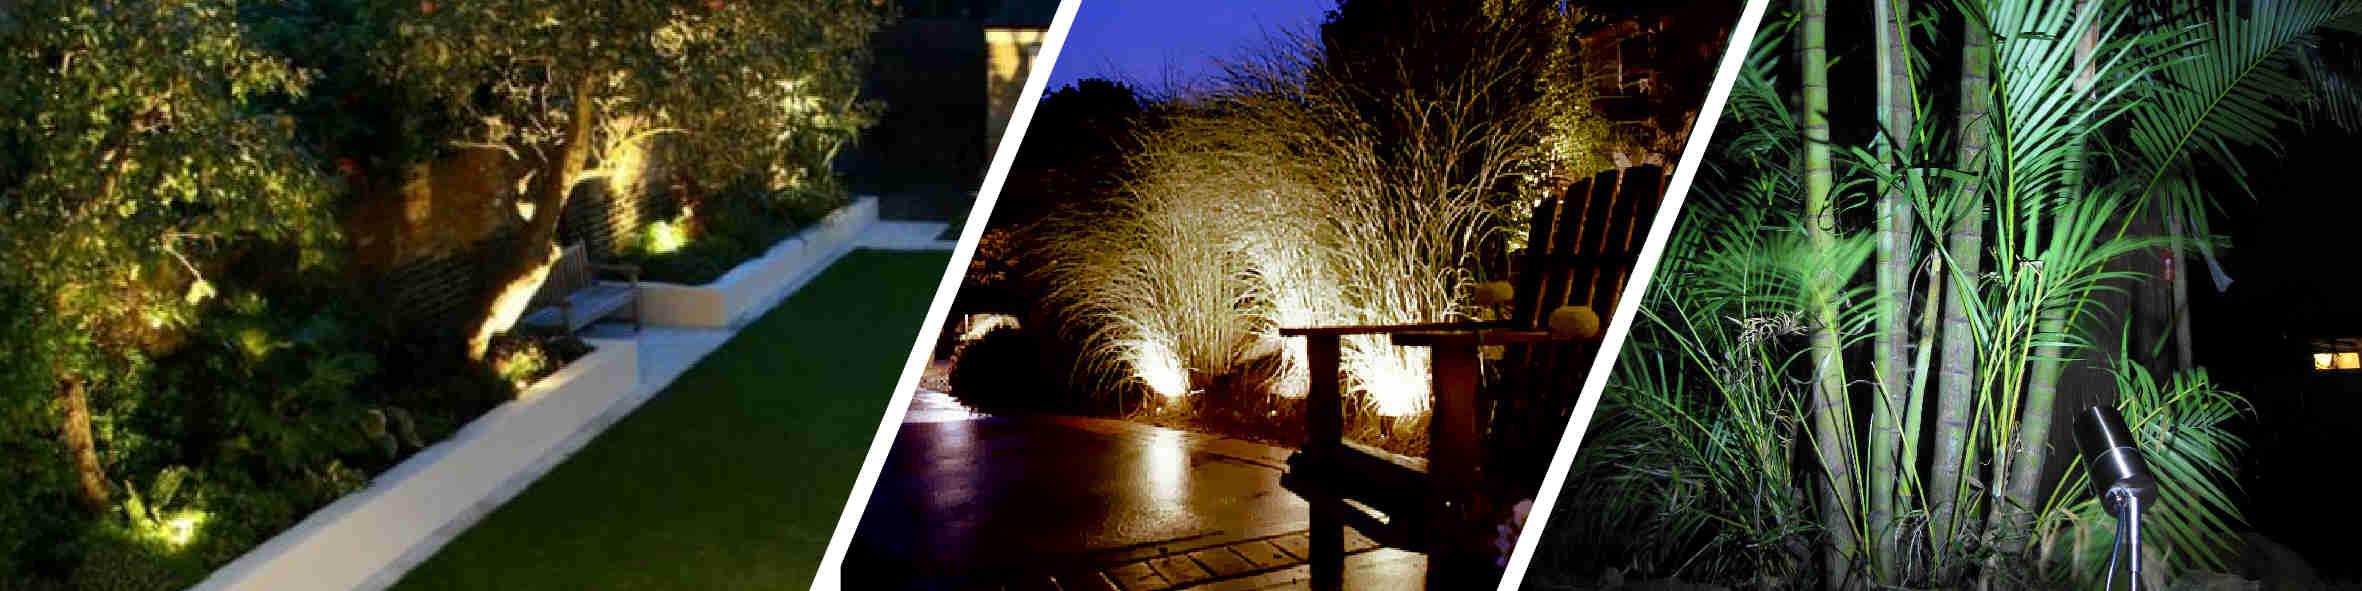 Solar Garden Spot Lights ...